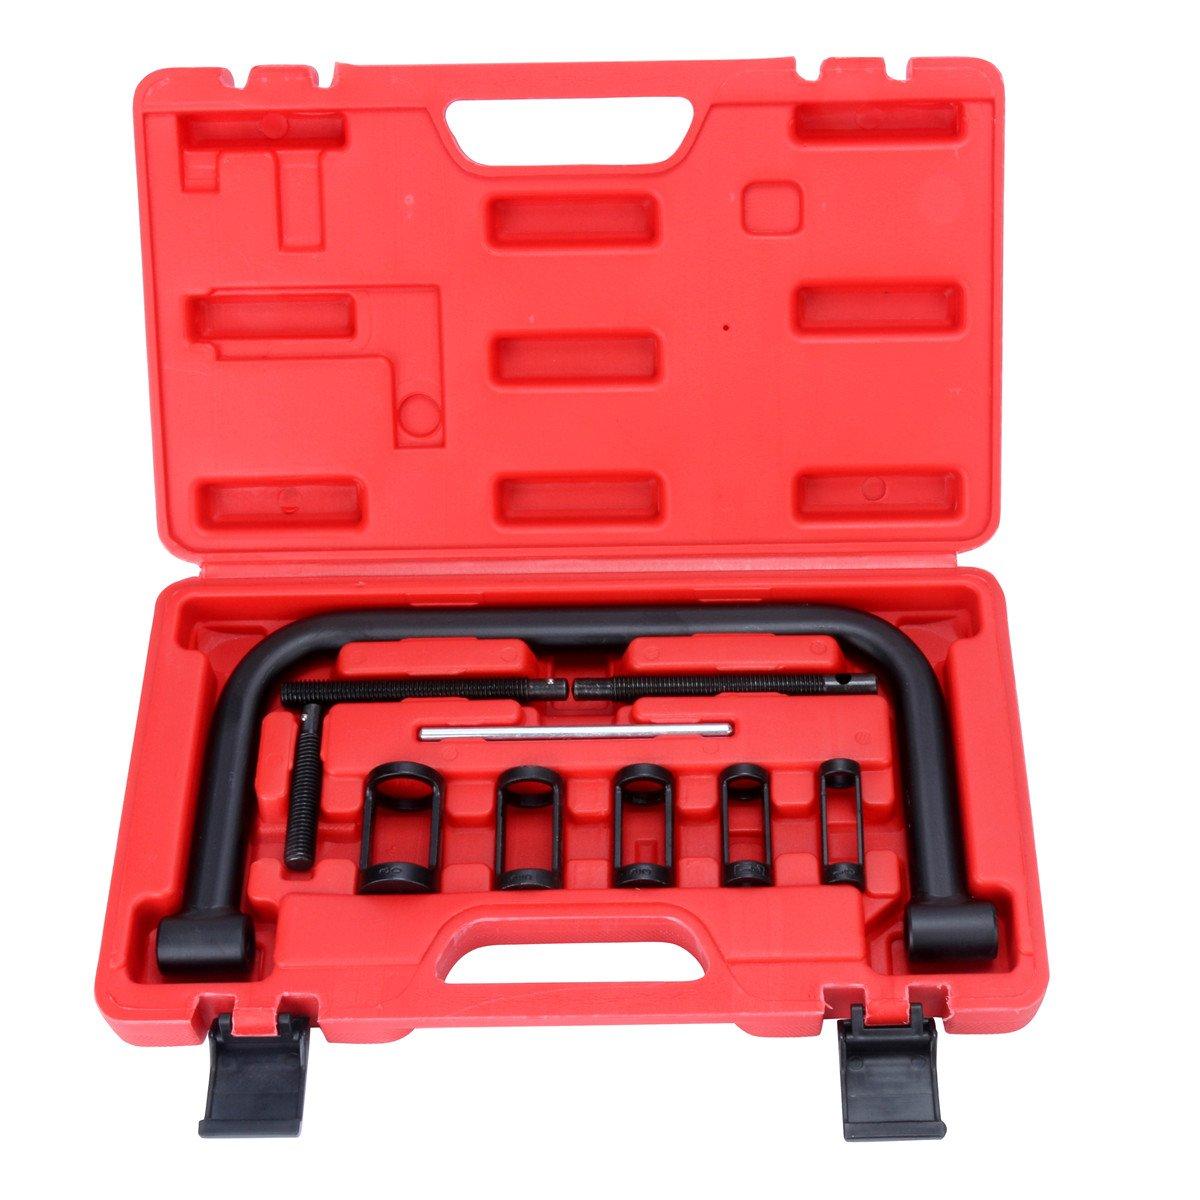 Juego de herramientas de reparación de 10 piezas para coche de FreeTec, válvula, compresor de muelles freebirdtrading